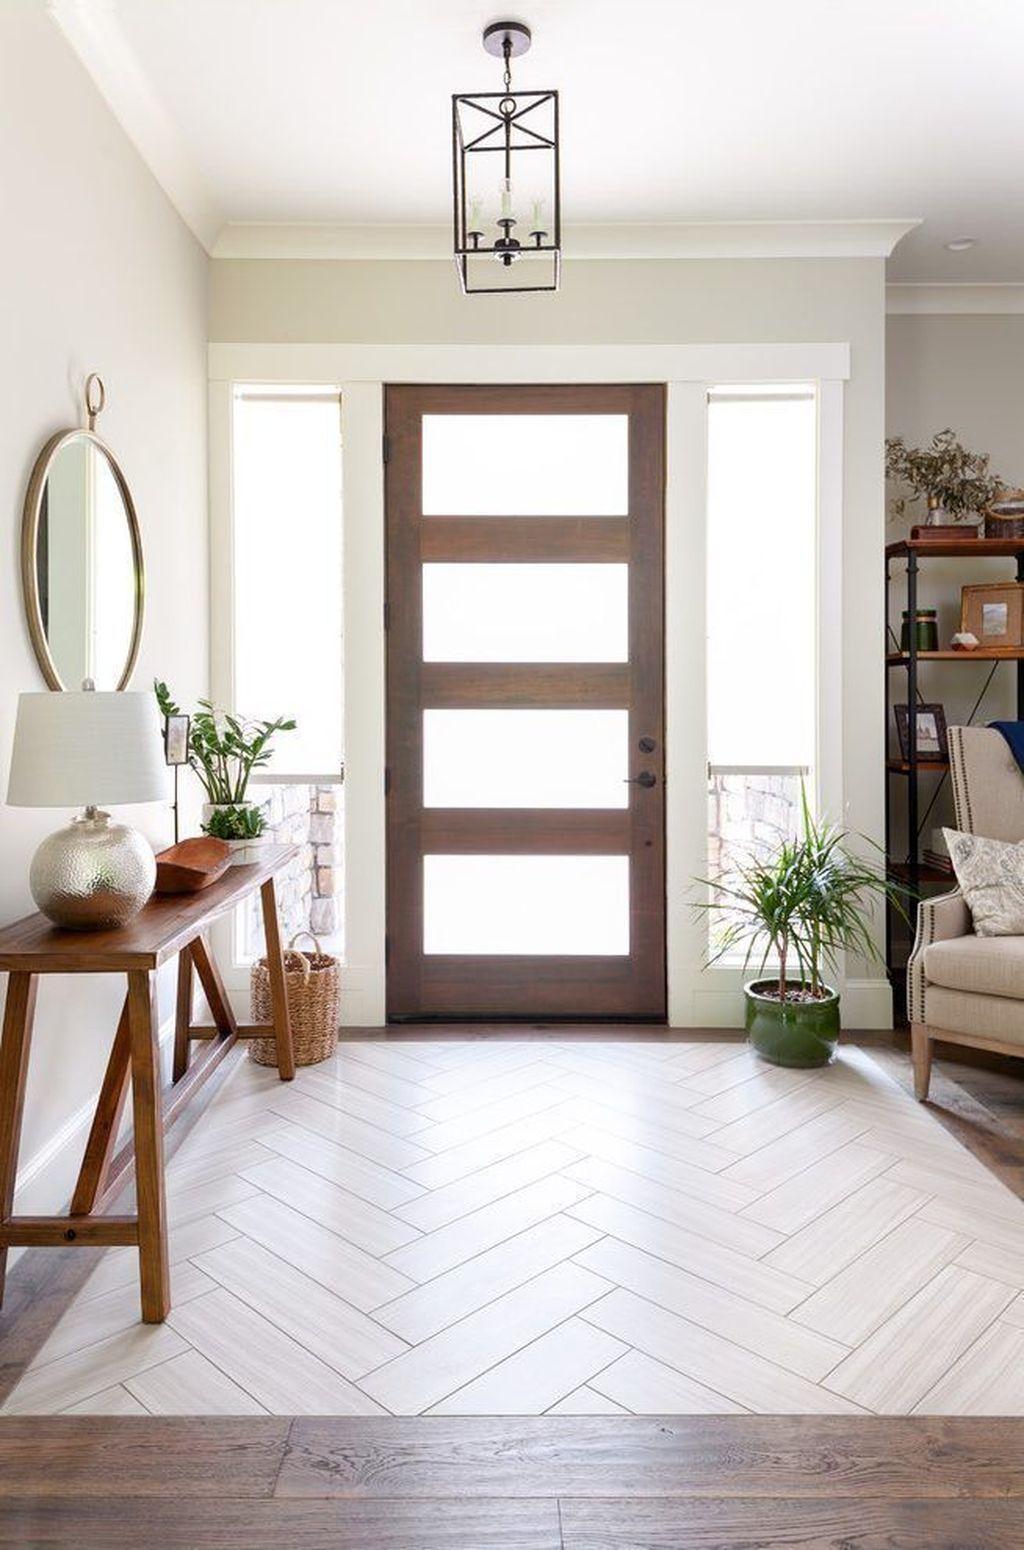 50 Creative Farmhouse Design Ideas For Interior #moderninteriordesign